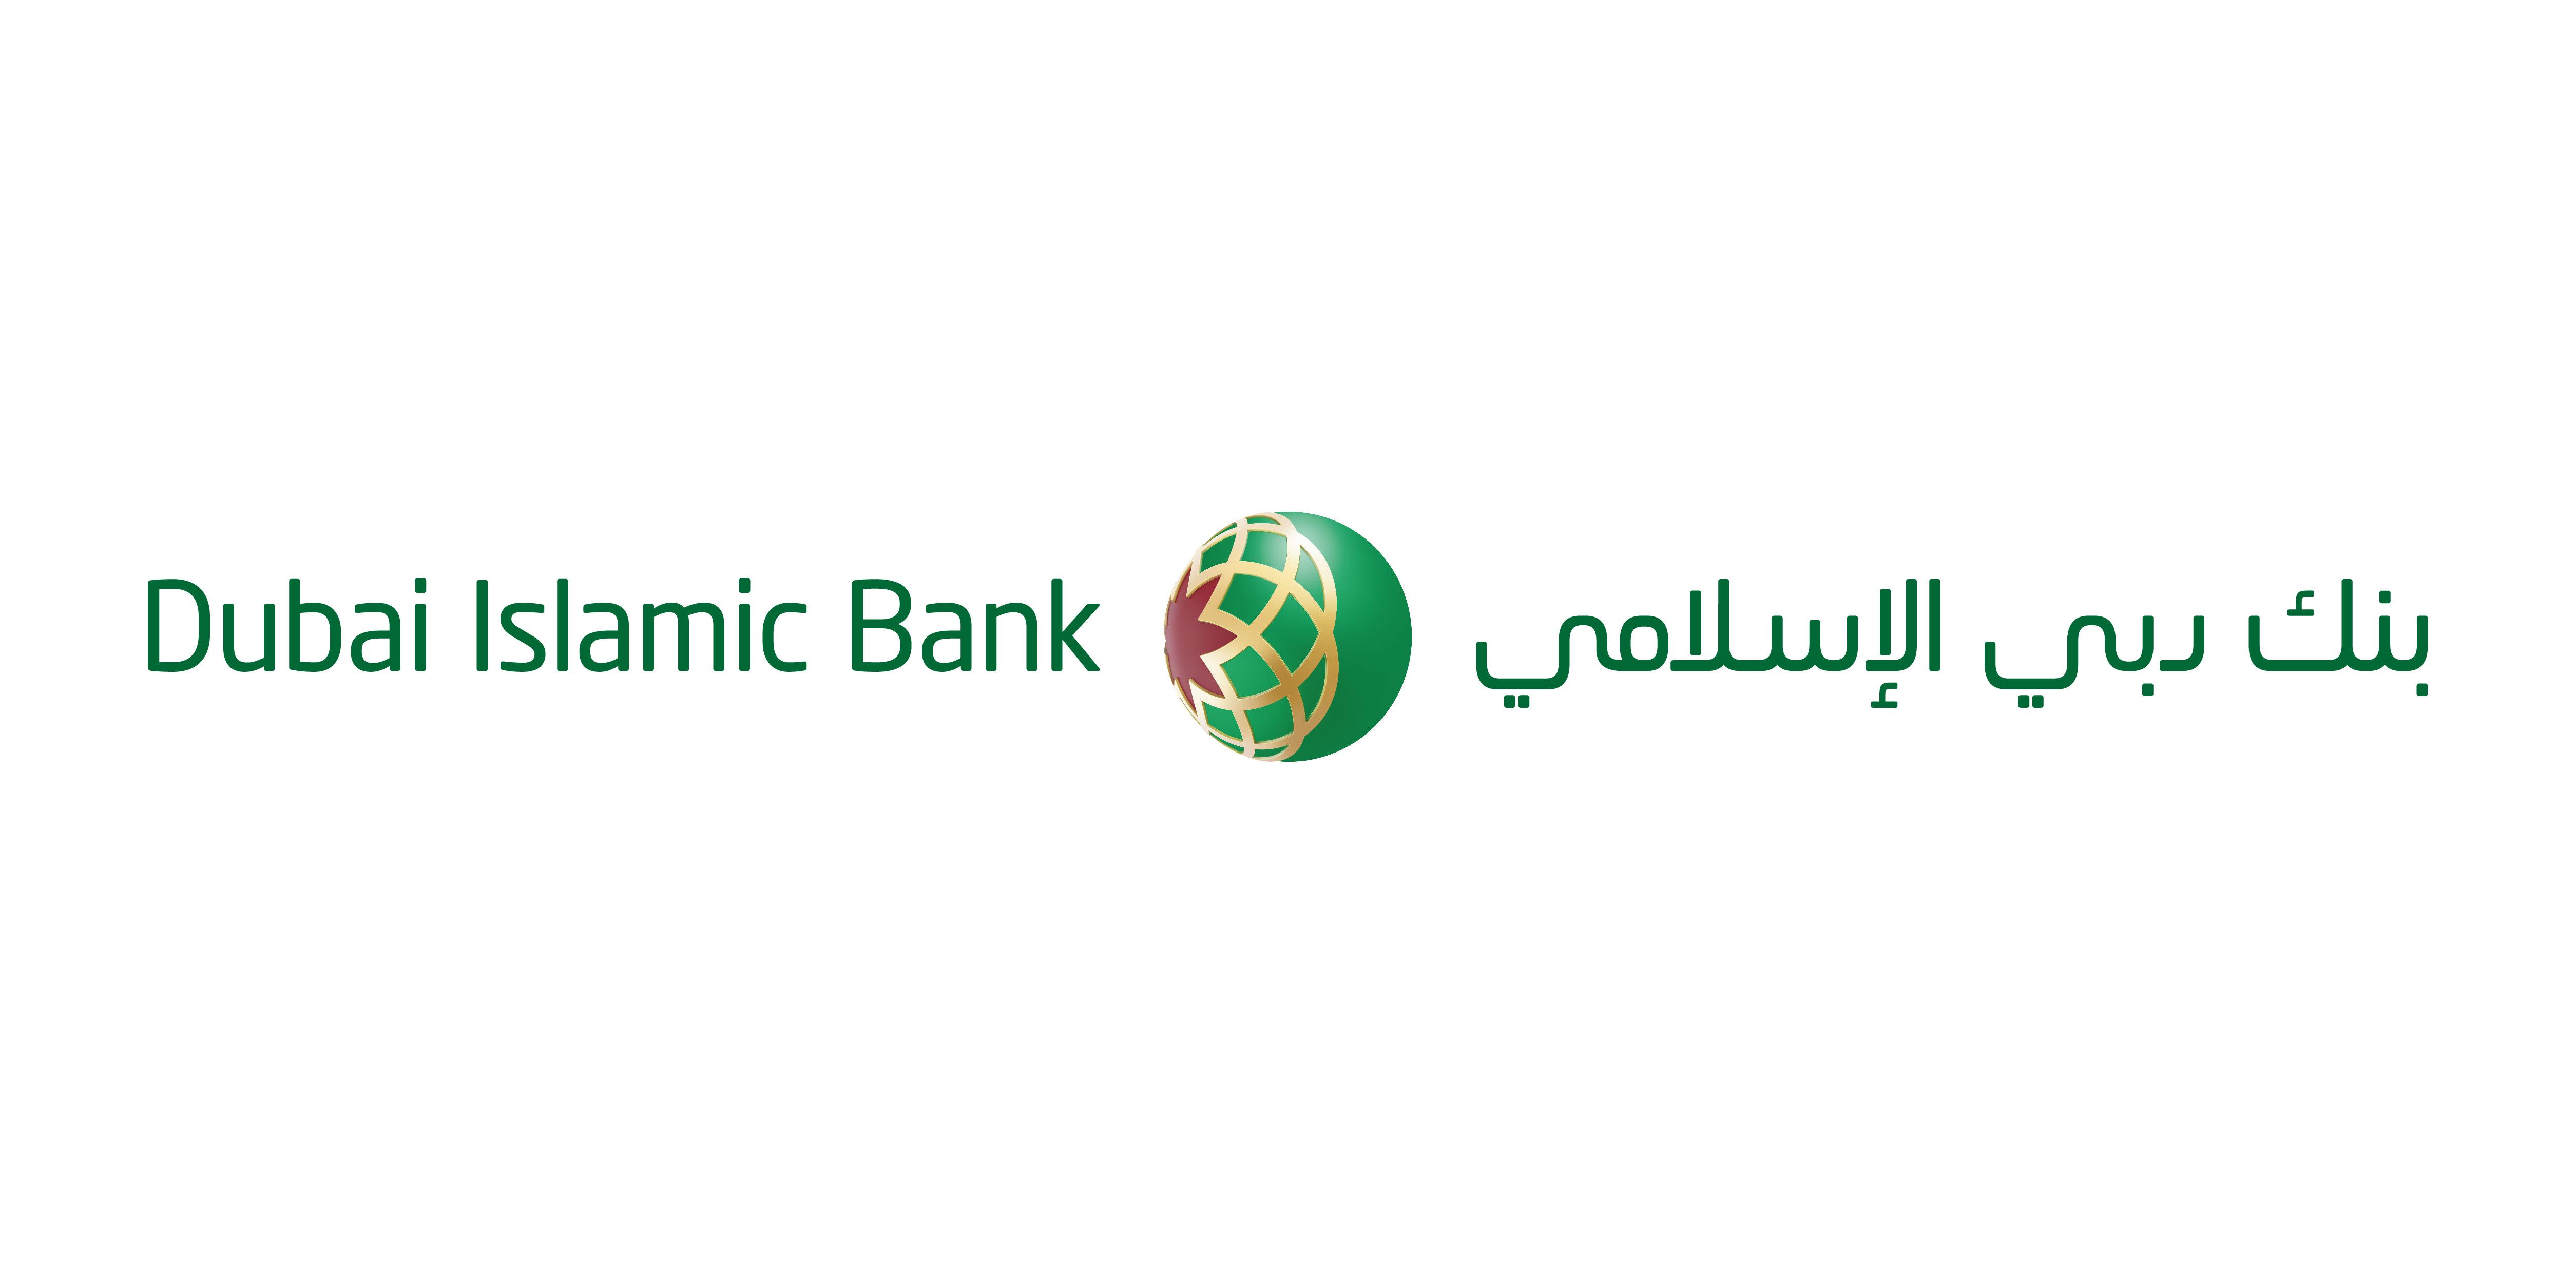 عروض بنك دبي الإسلامي لموسم العودة إلى المدارس